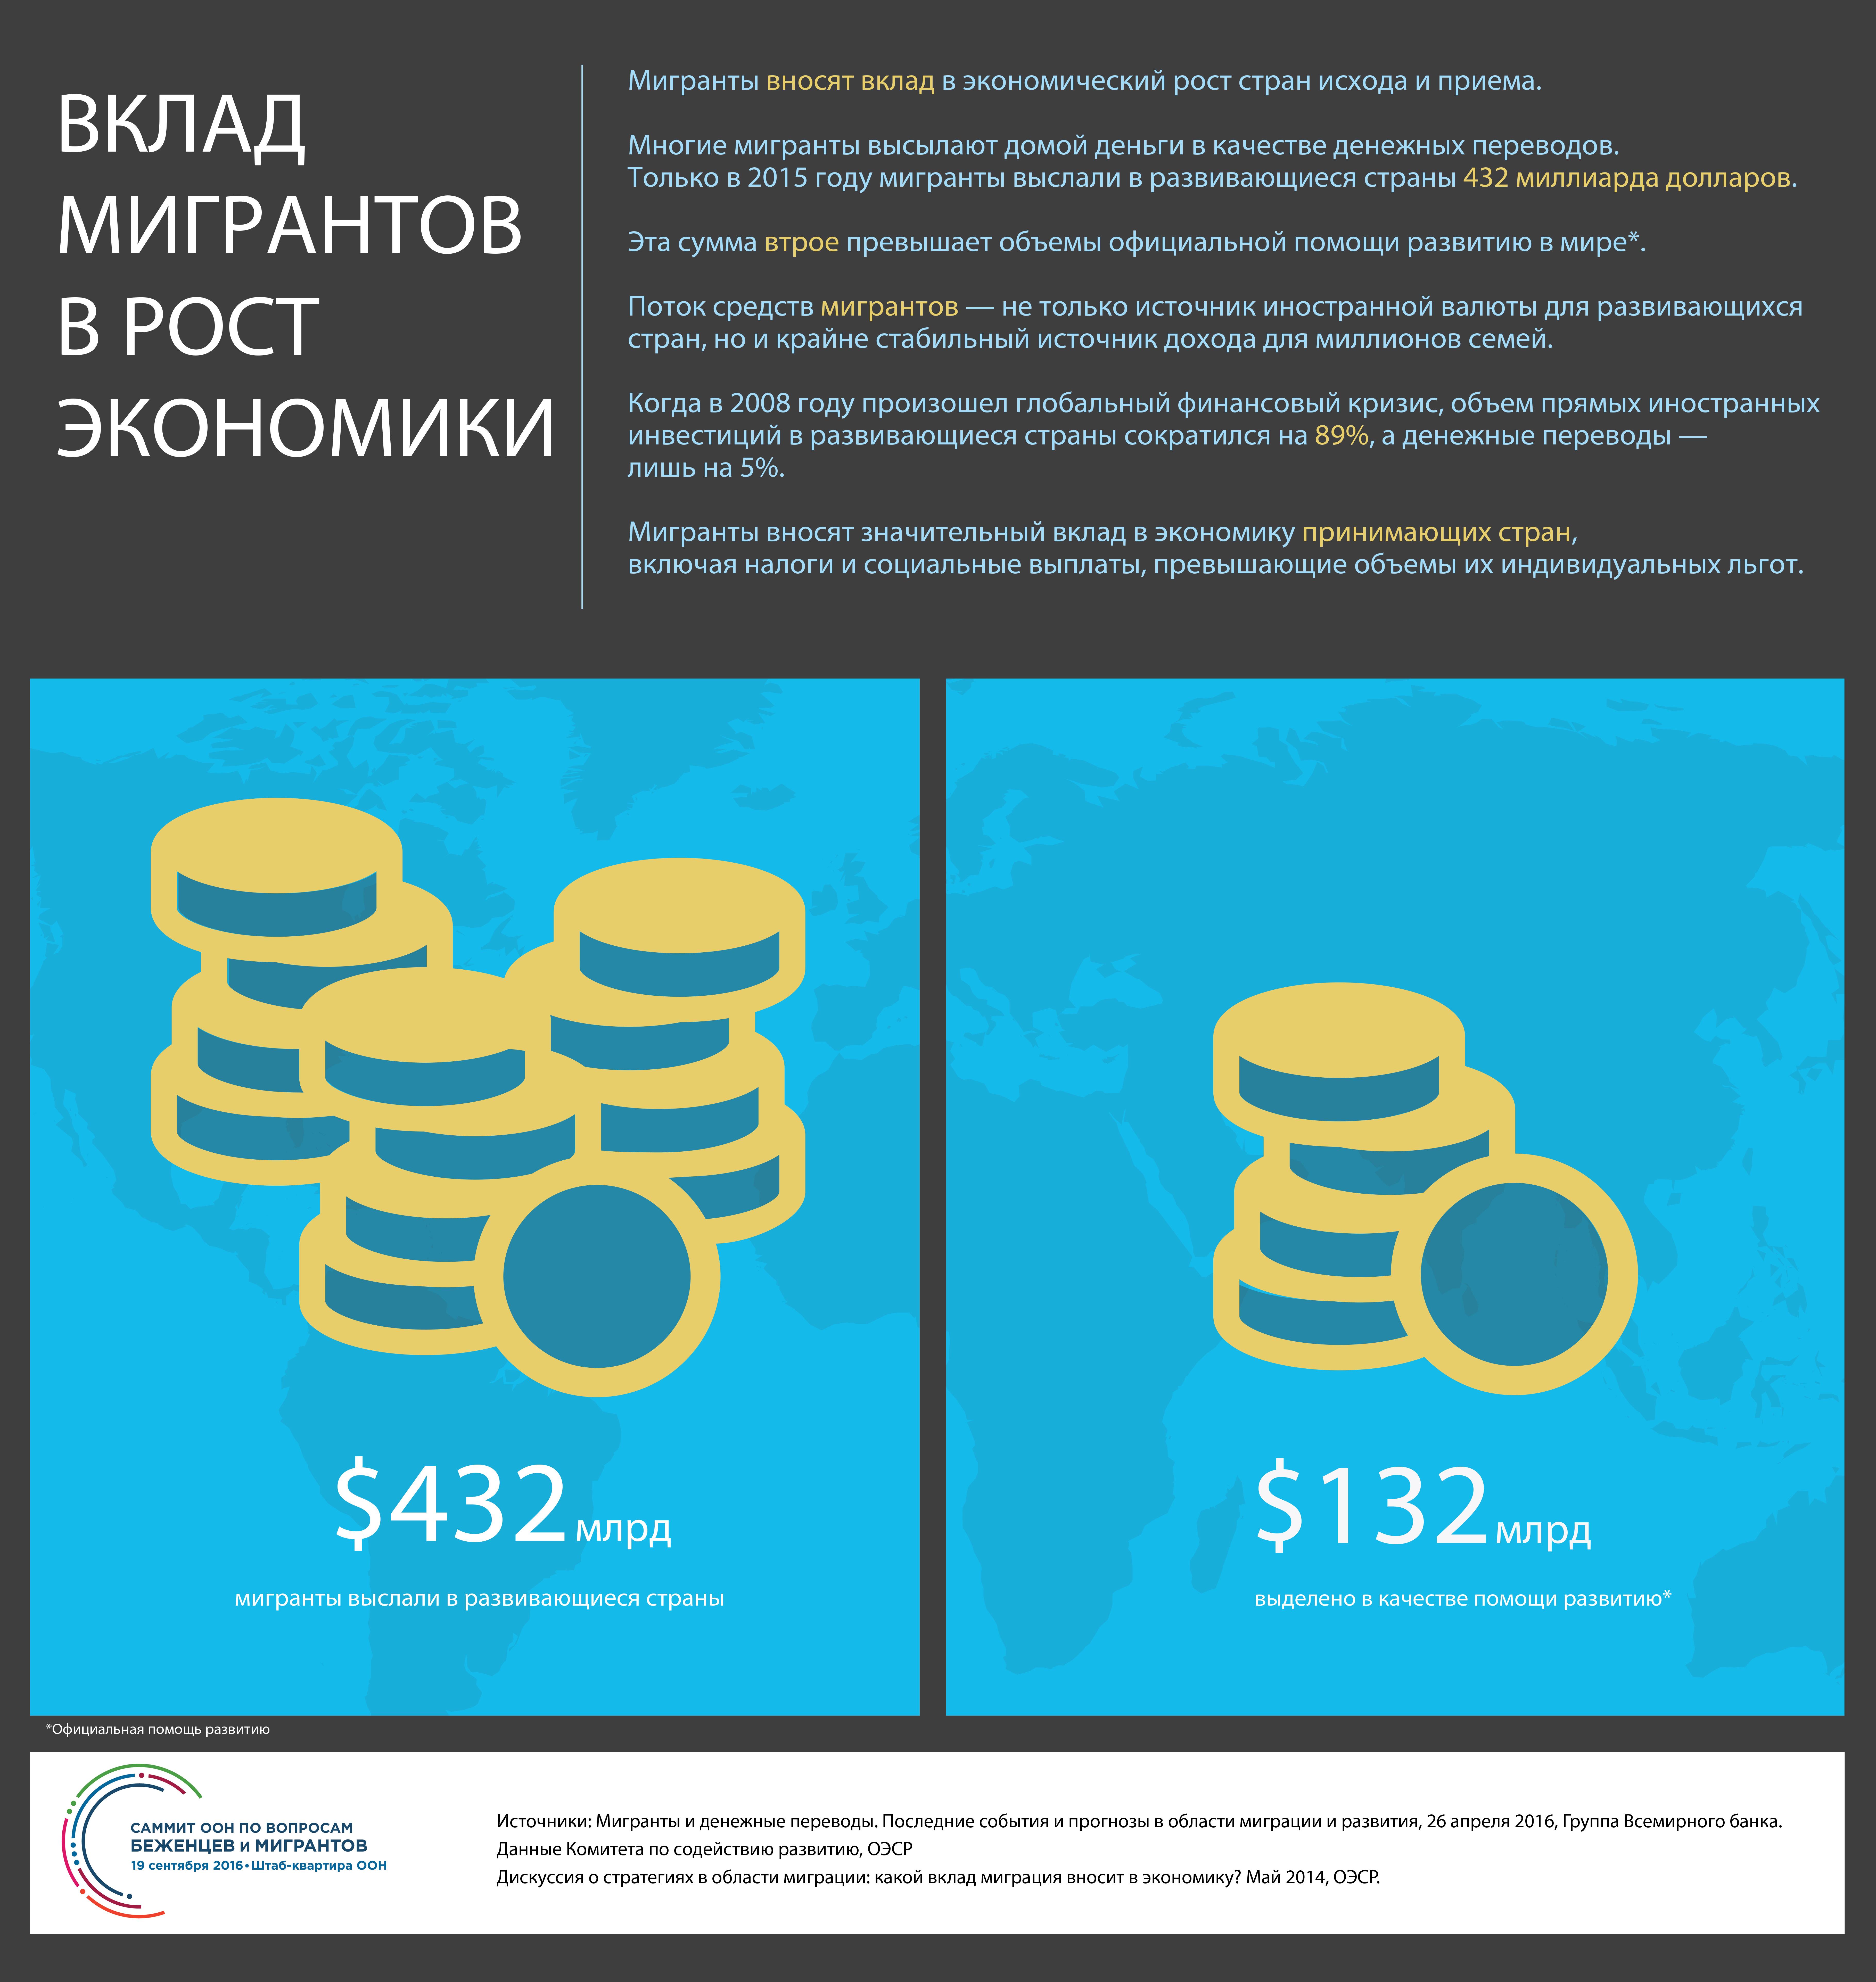 Инфографика Вклад мигрантов в рост экономики